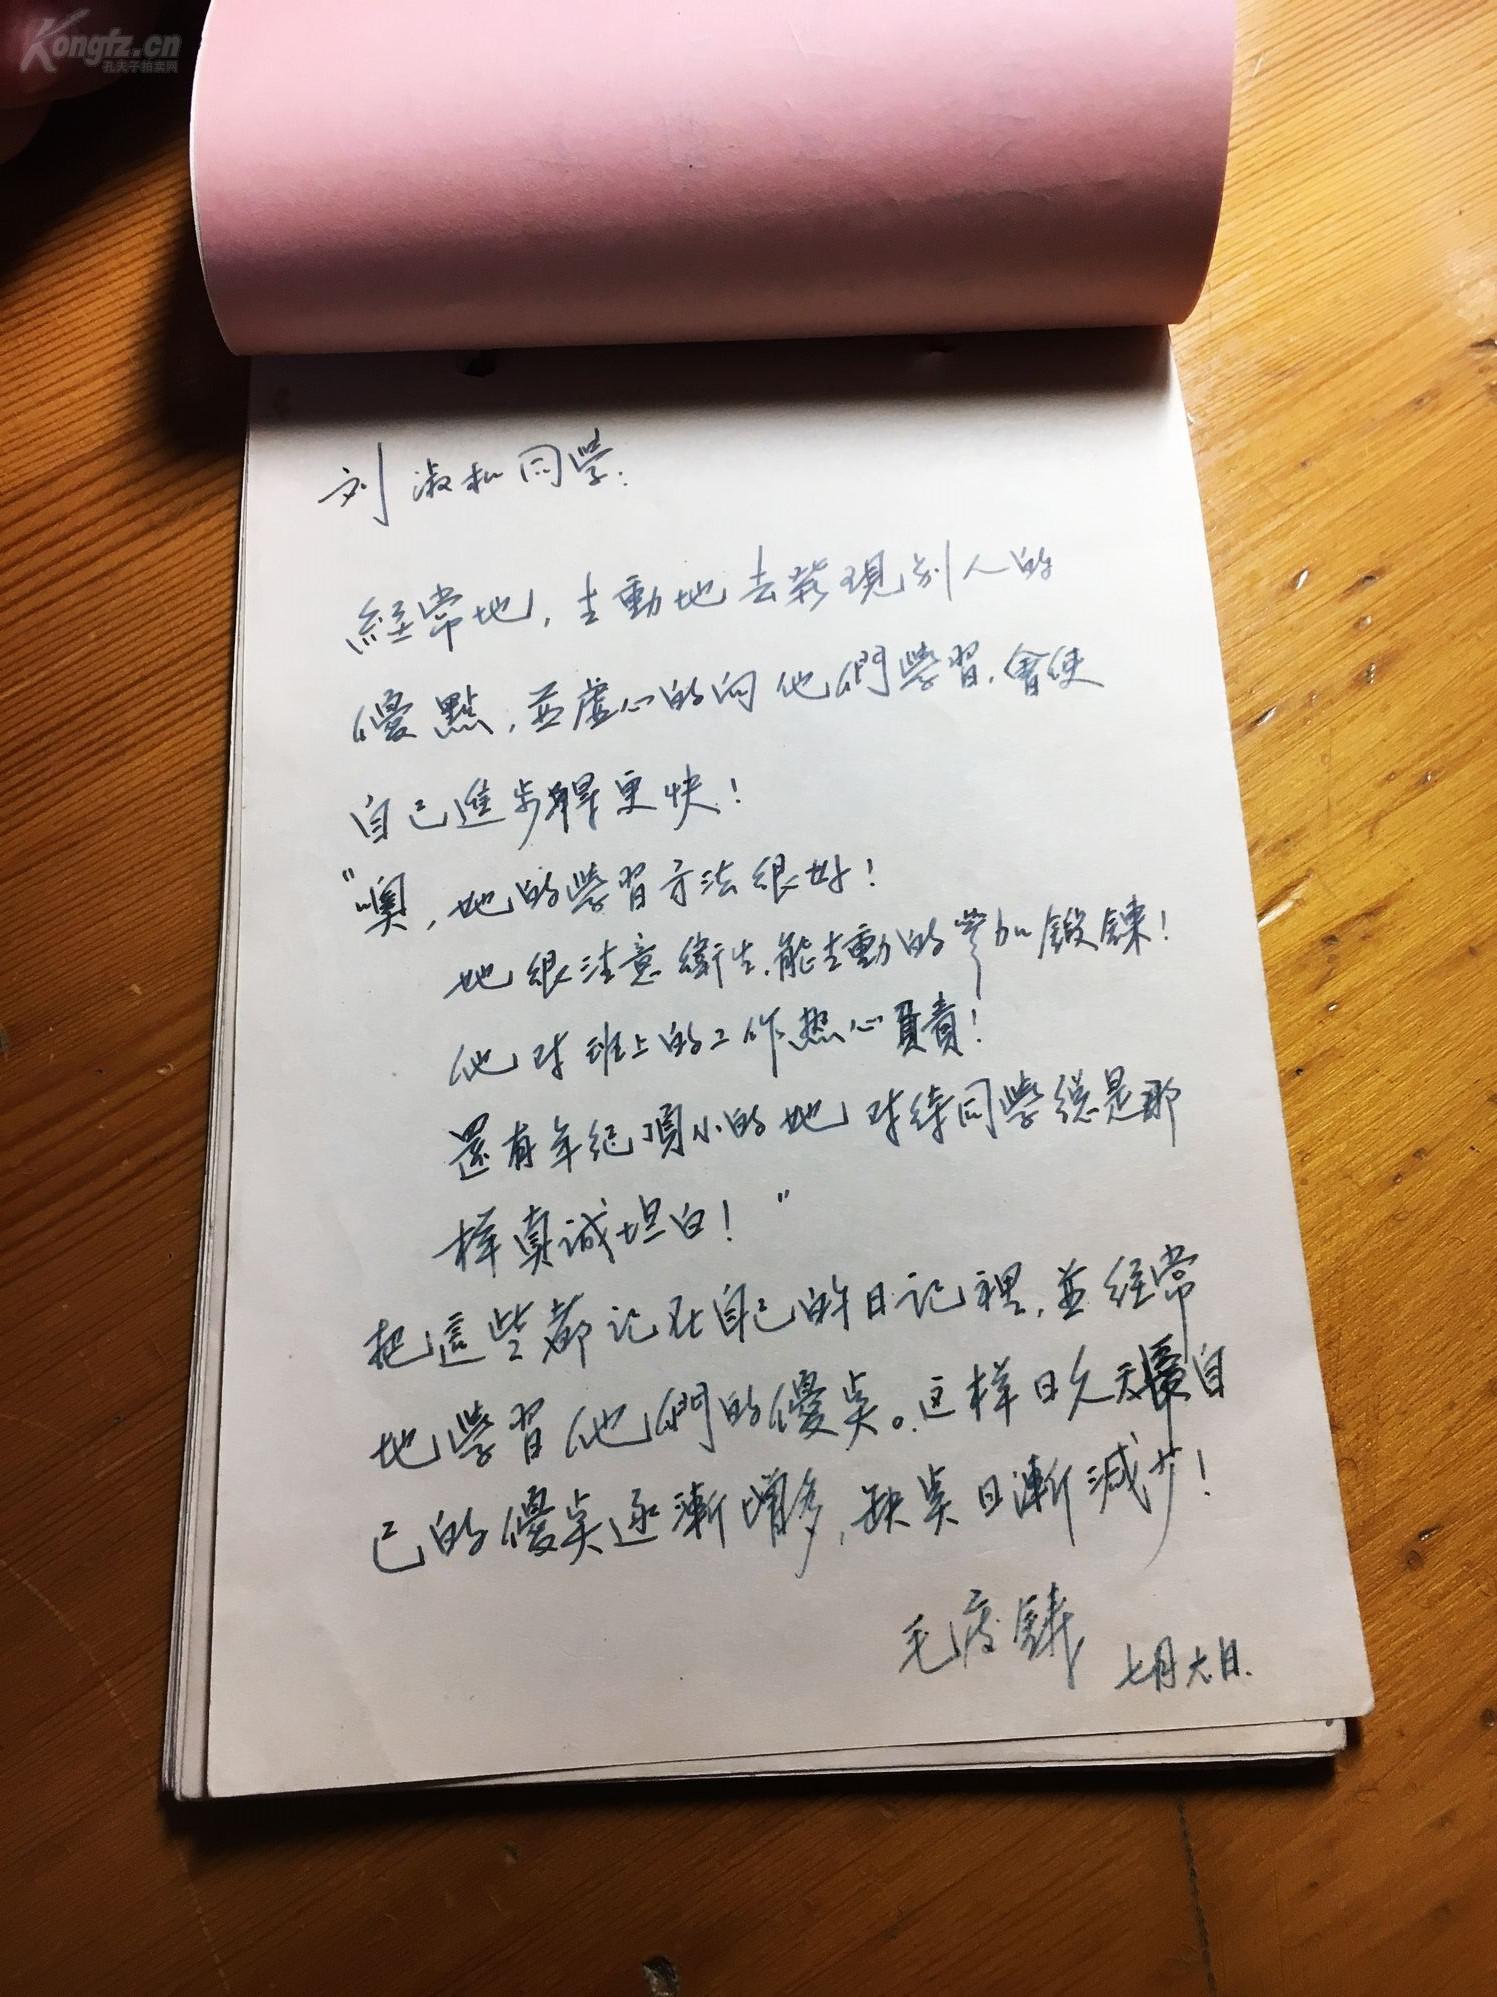 业留言簿》写满一本30位左右短发留言同学,初中女赠言刘海图片